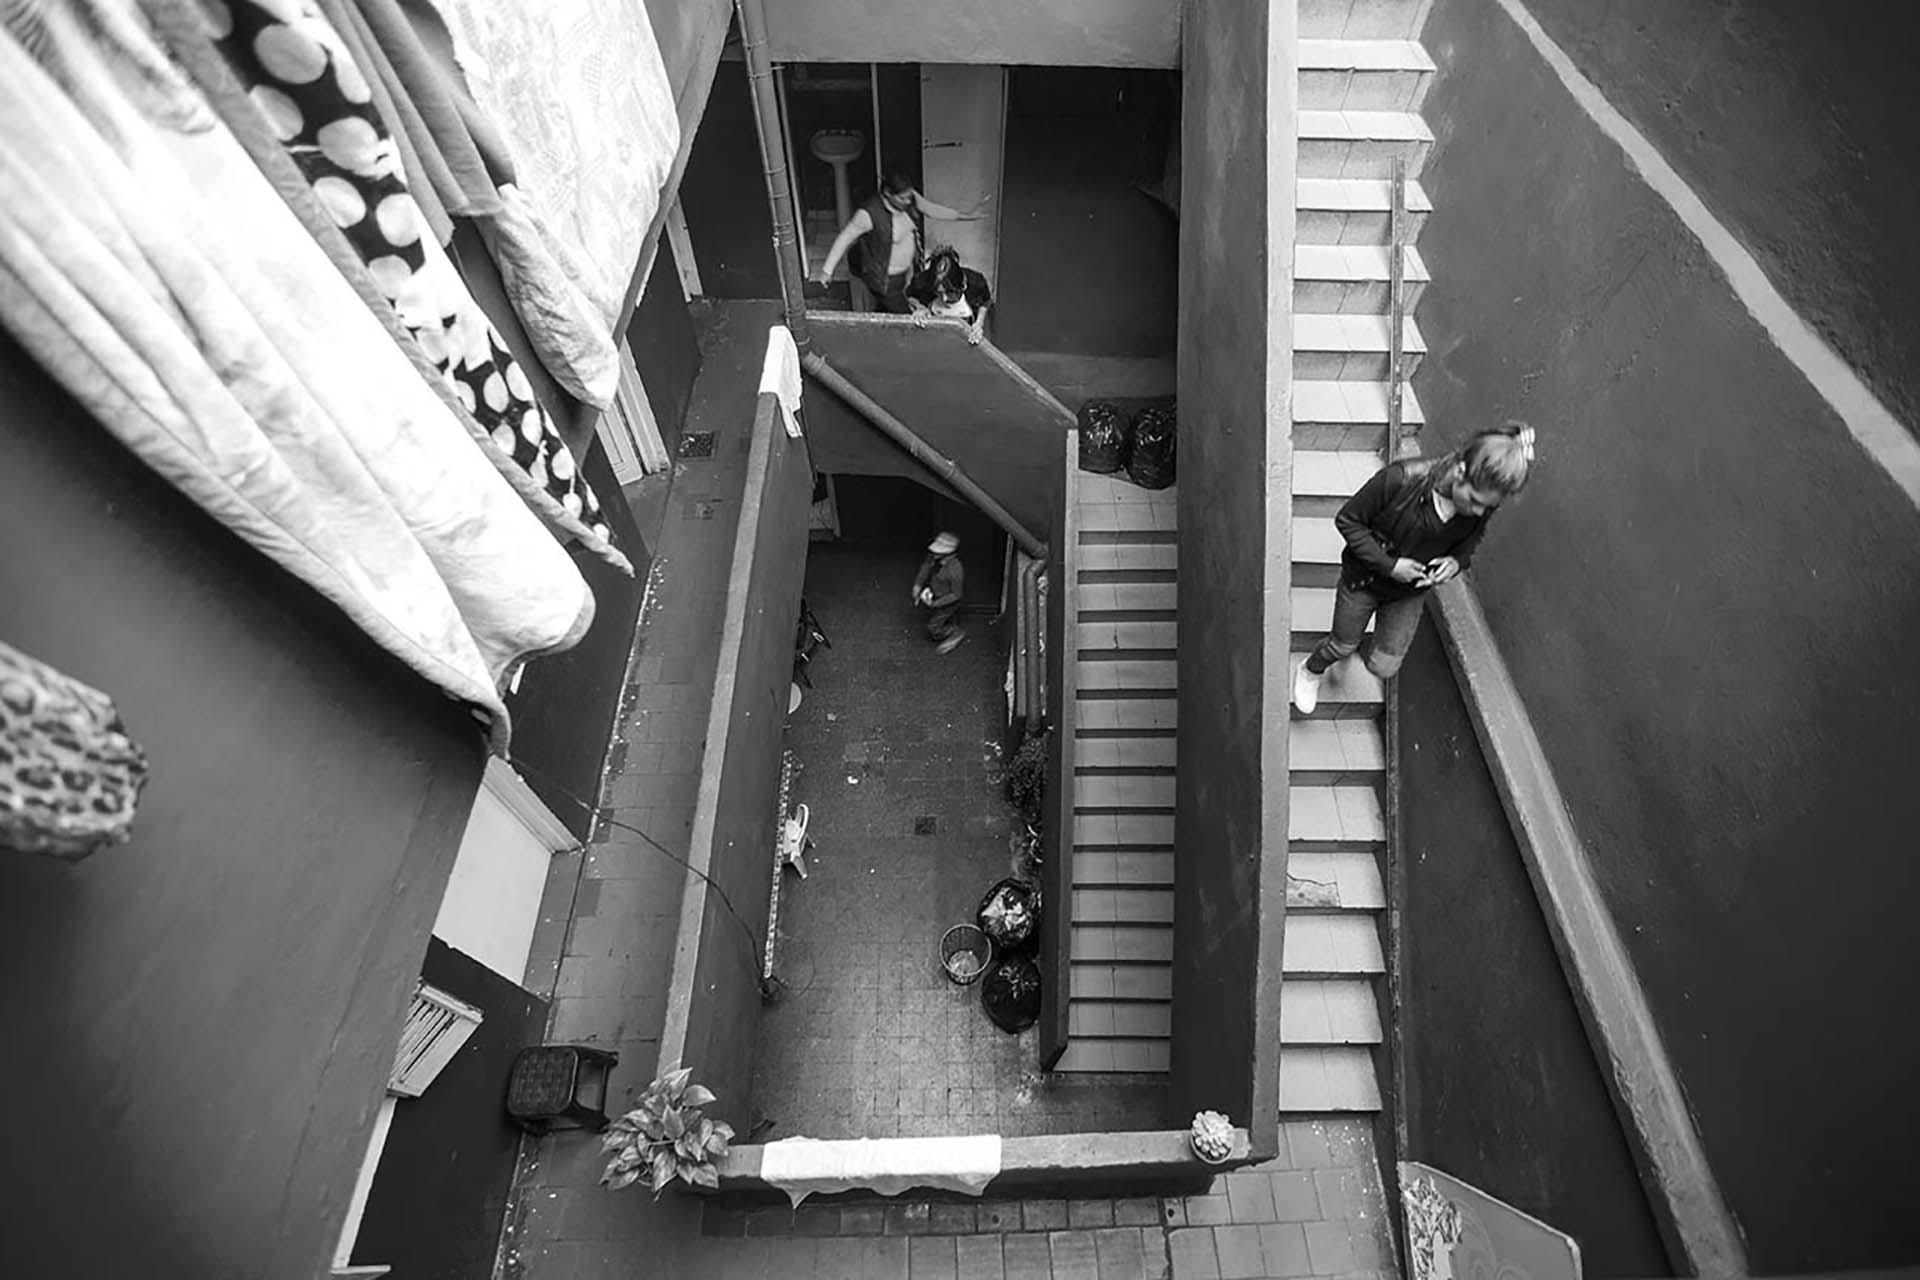 El Gondolín, un edificio que supo ser un hotel y hoy atraviesa un litigio legal mientras sirve de refugio para chicas trans que viven del trabajo sexual